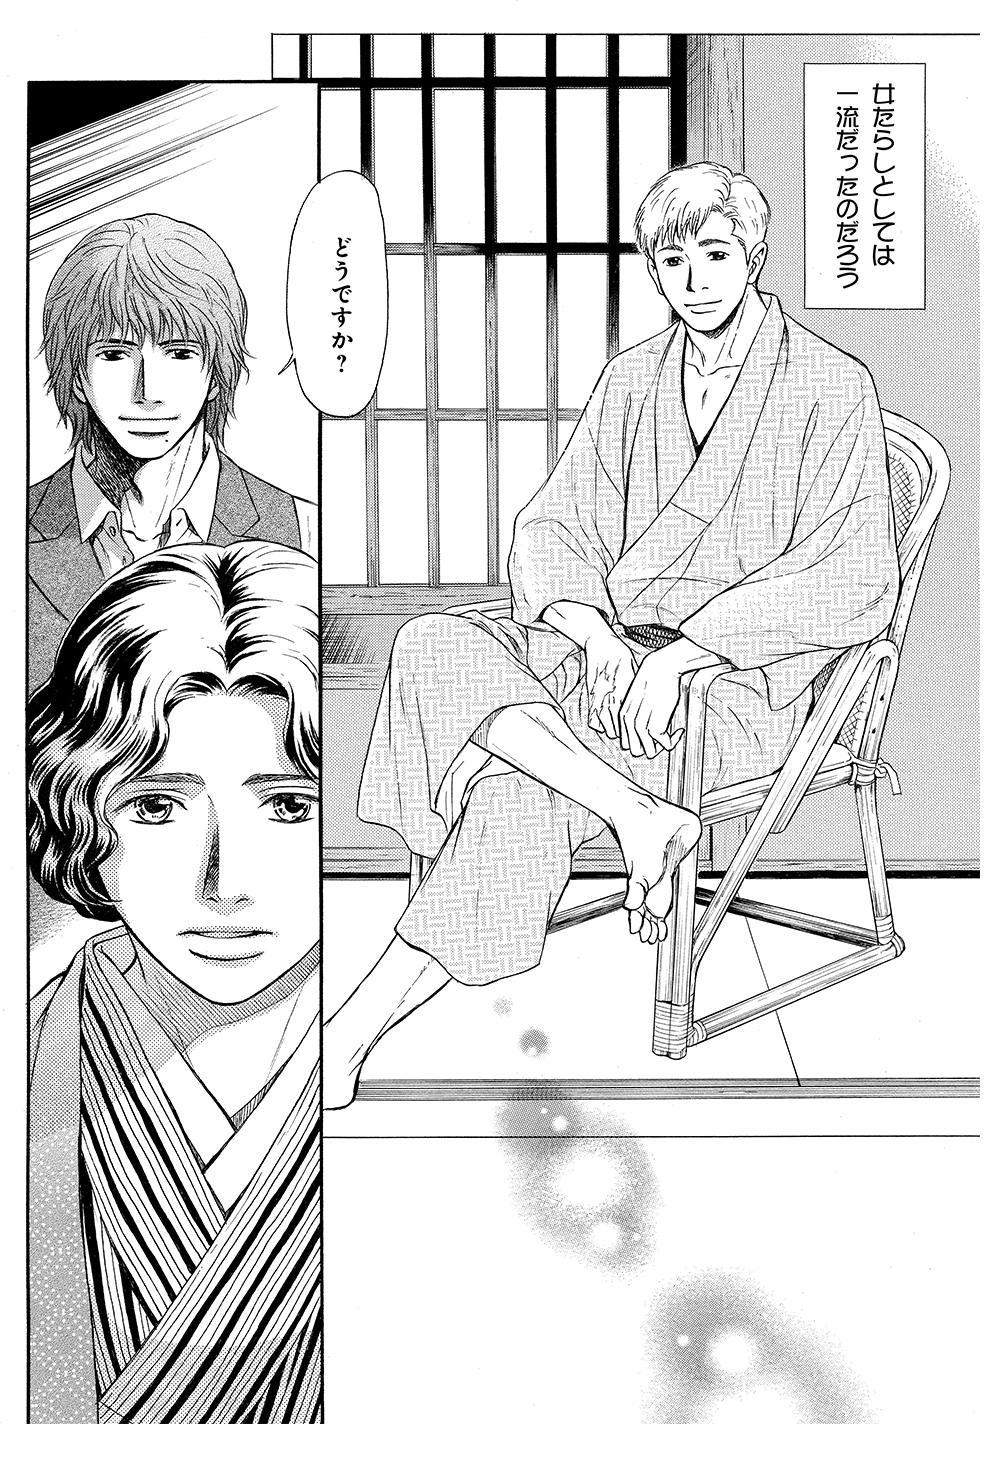 鵼の絵師 第2話「おきみやげ」②nuenoeshi04-05.jpg